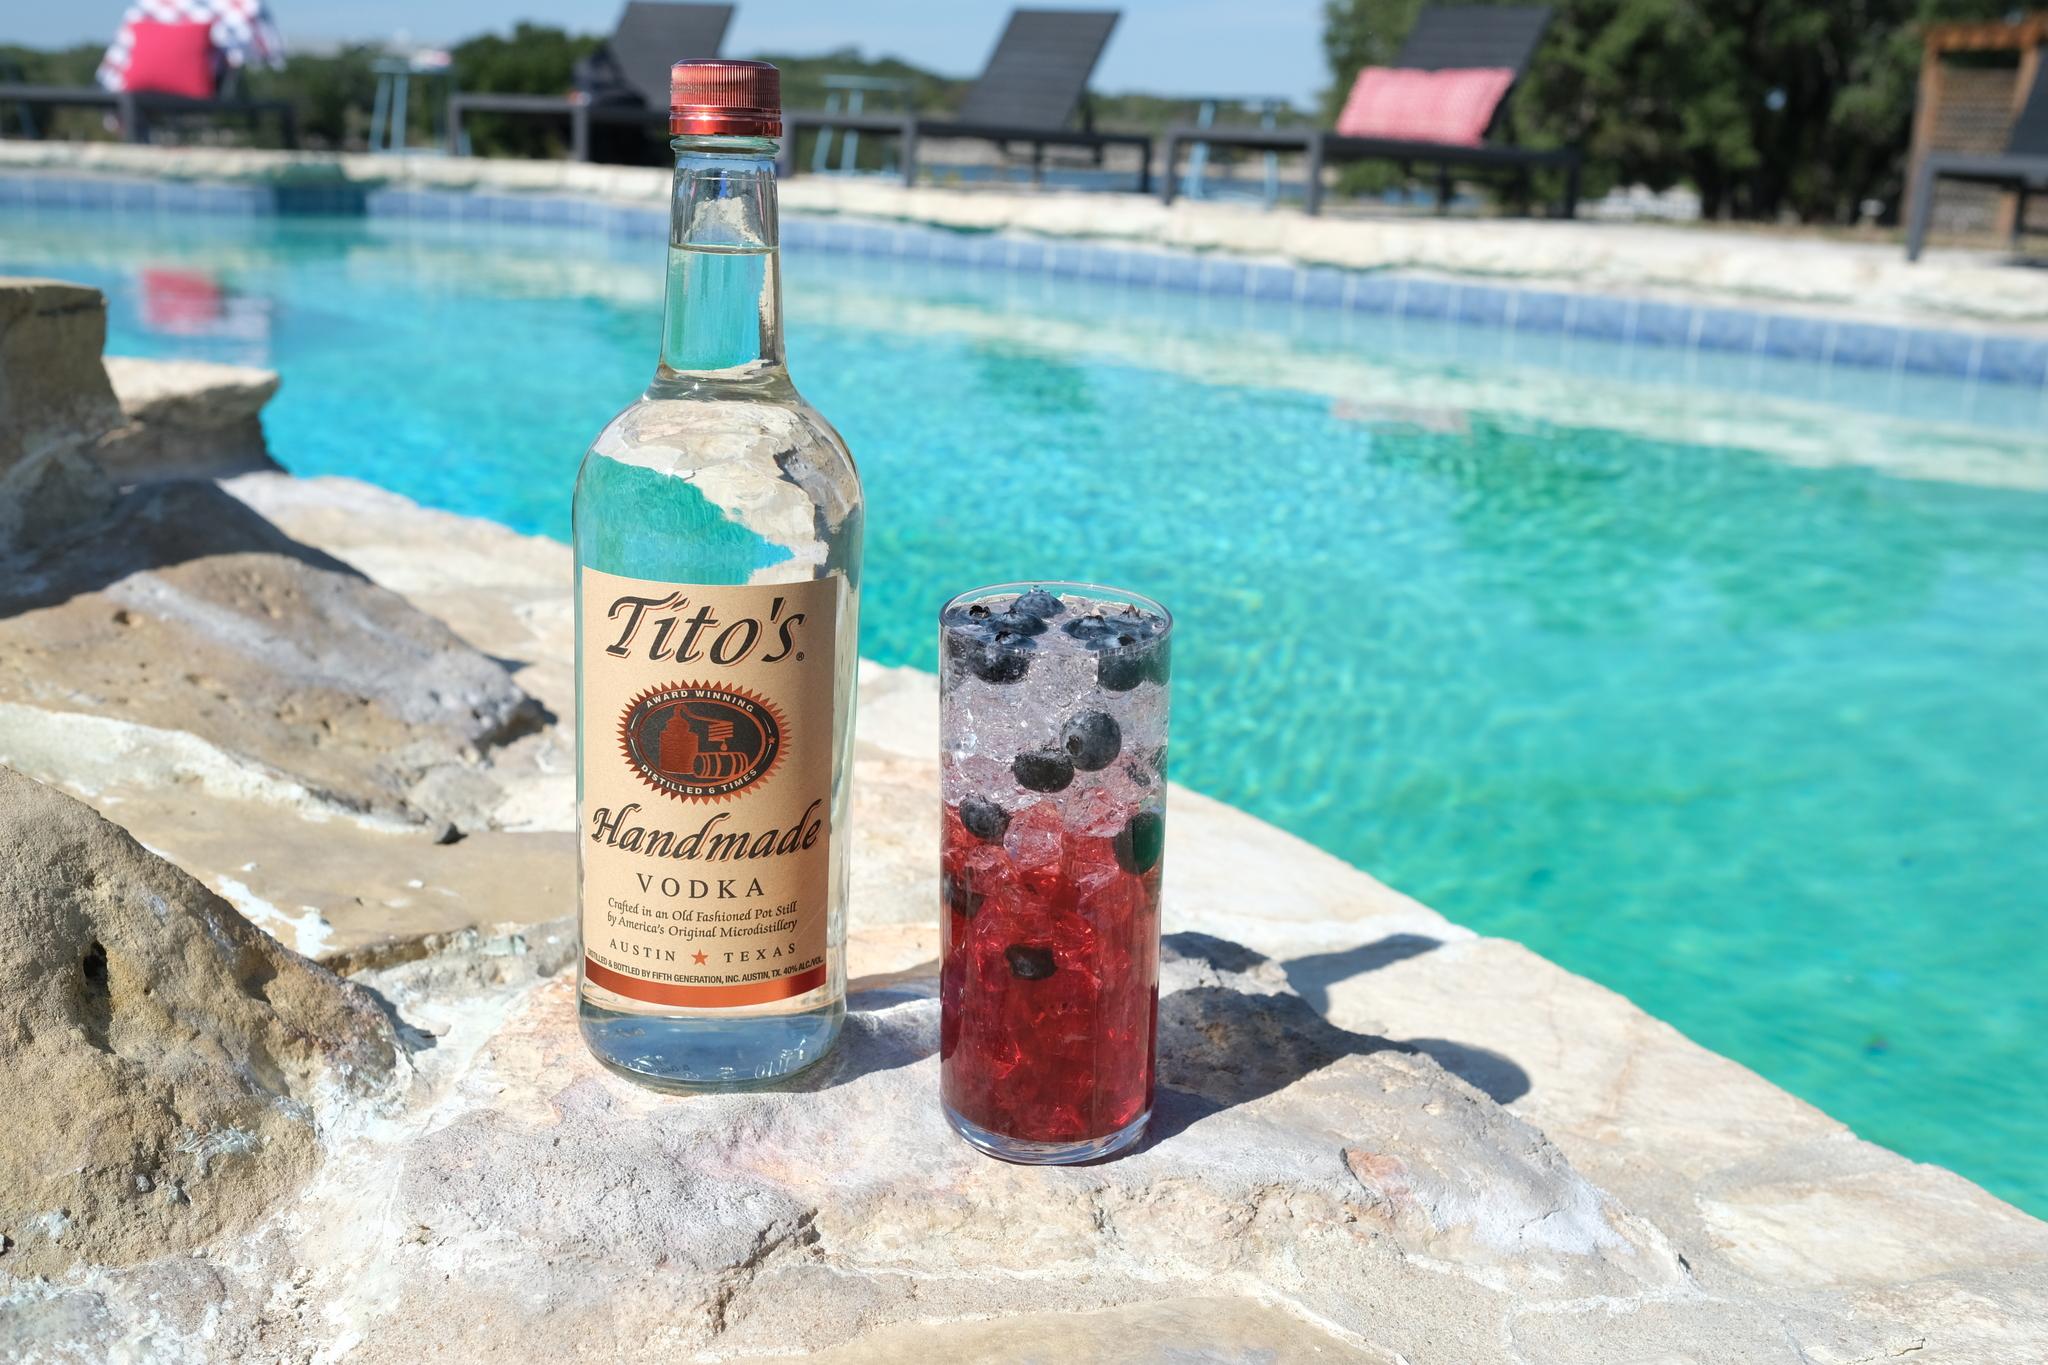 Tito's Red, White & Boozy Tito's Handmade Vodka